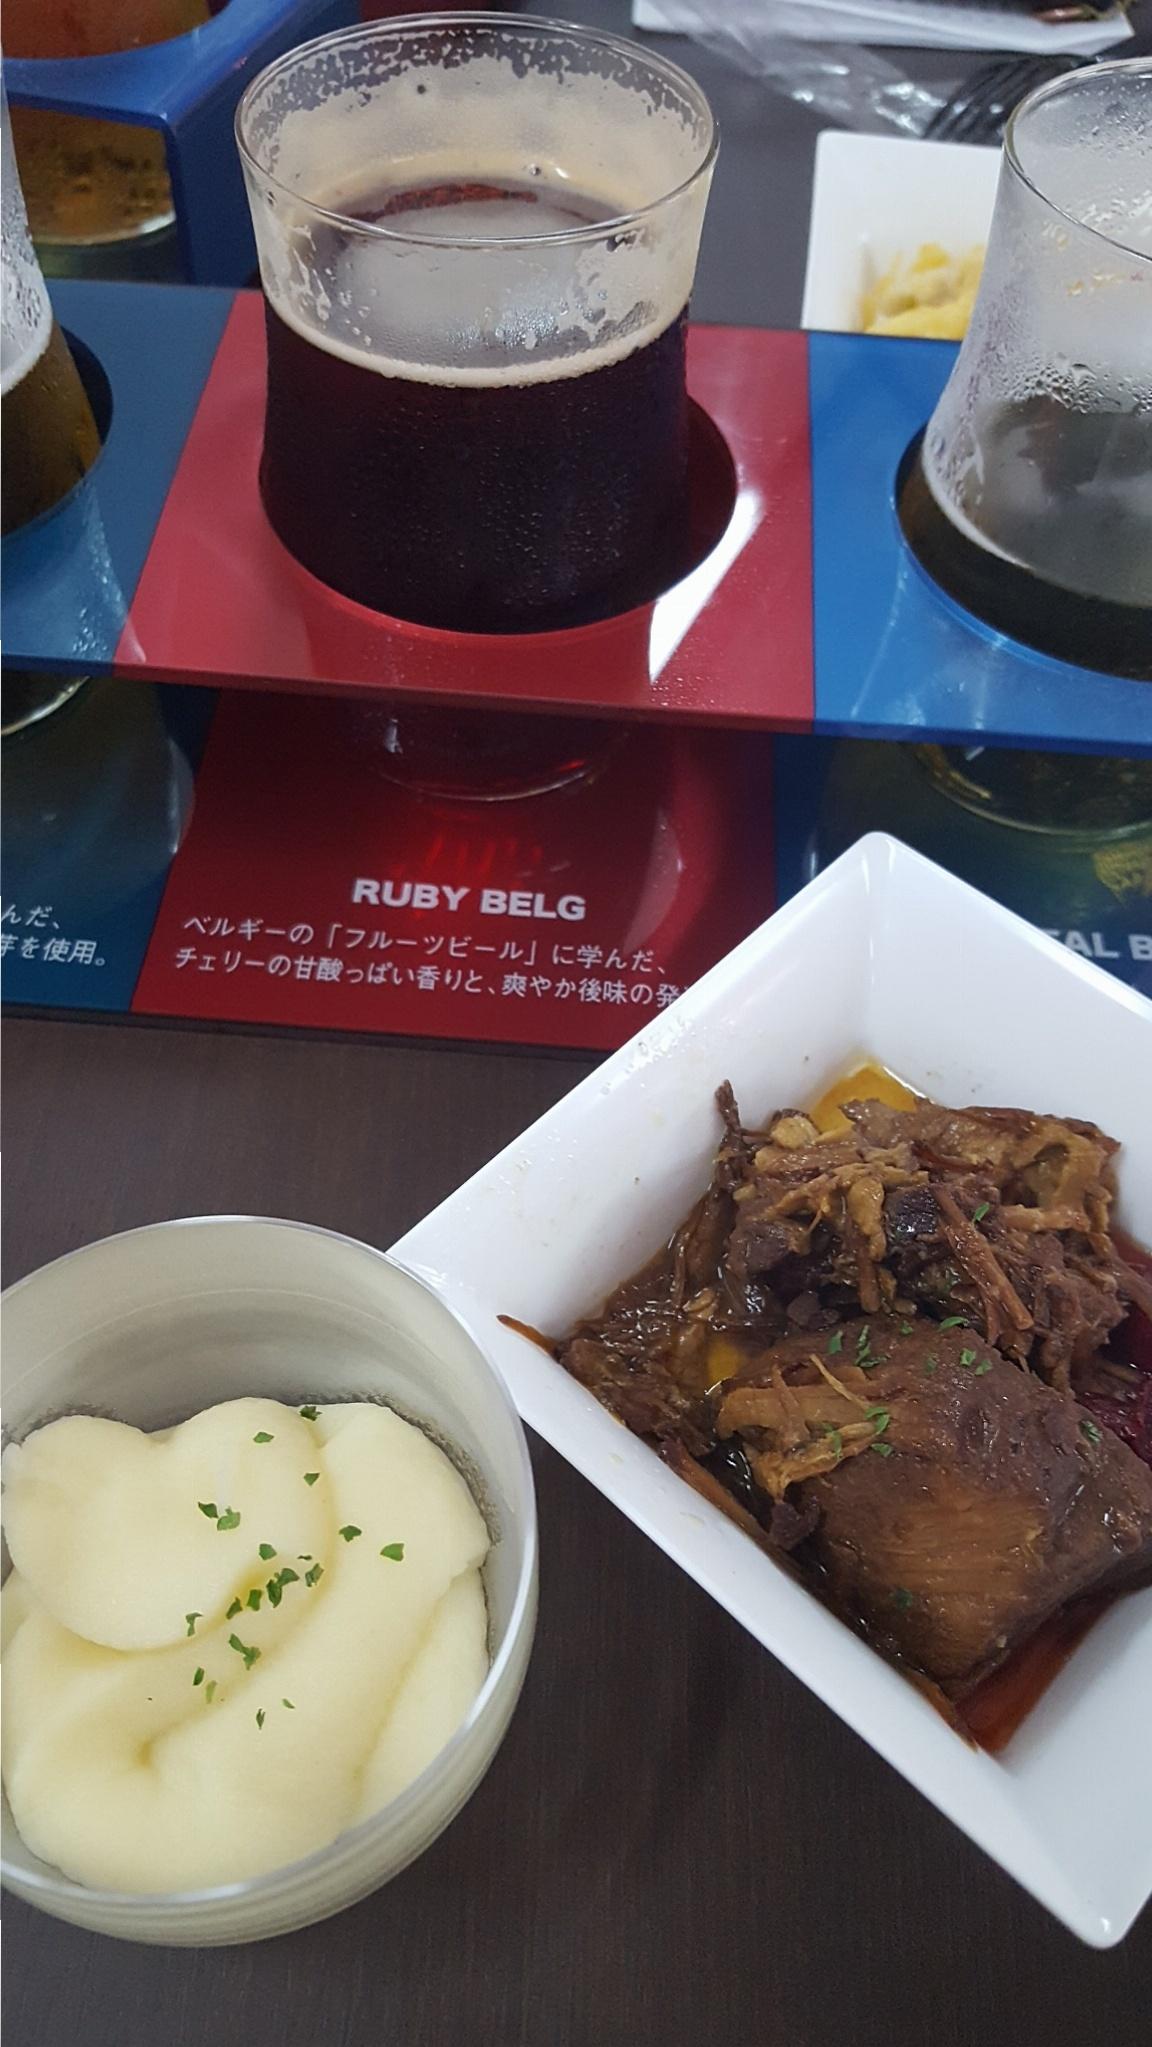 大阪・ホワイトベルグフェスでお料理&飲み比べ 堪能☆_3